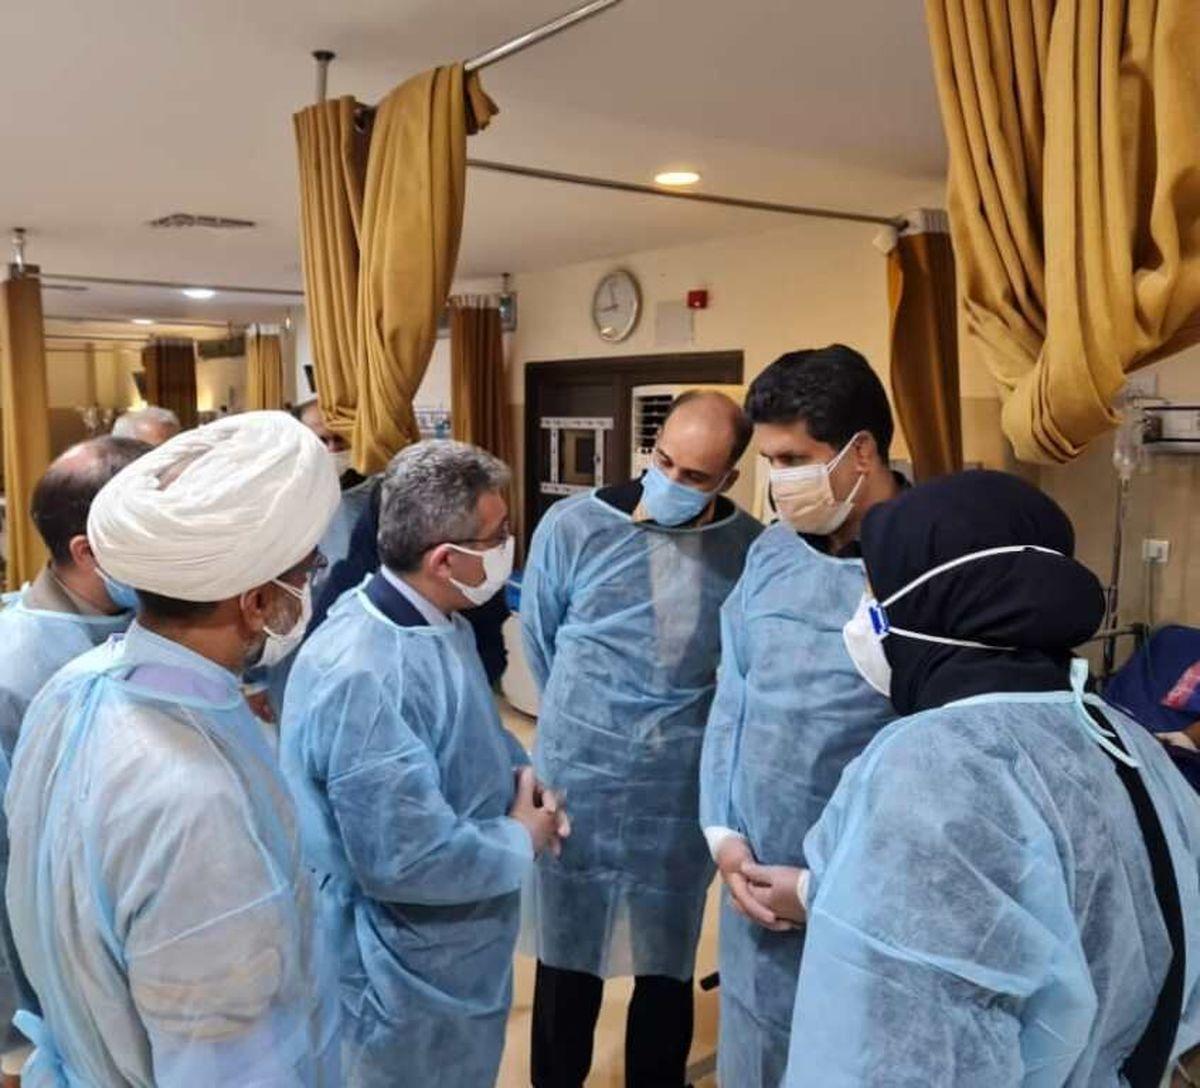 معاون وزارت بهداشت: با وارد شدن واکسن به کشور واکسیناسیون کرونا سرعت میگیرد